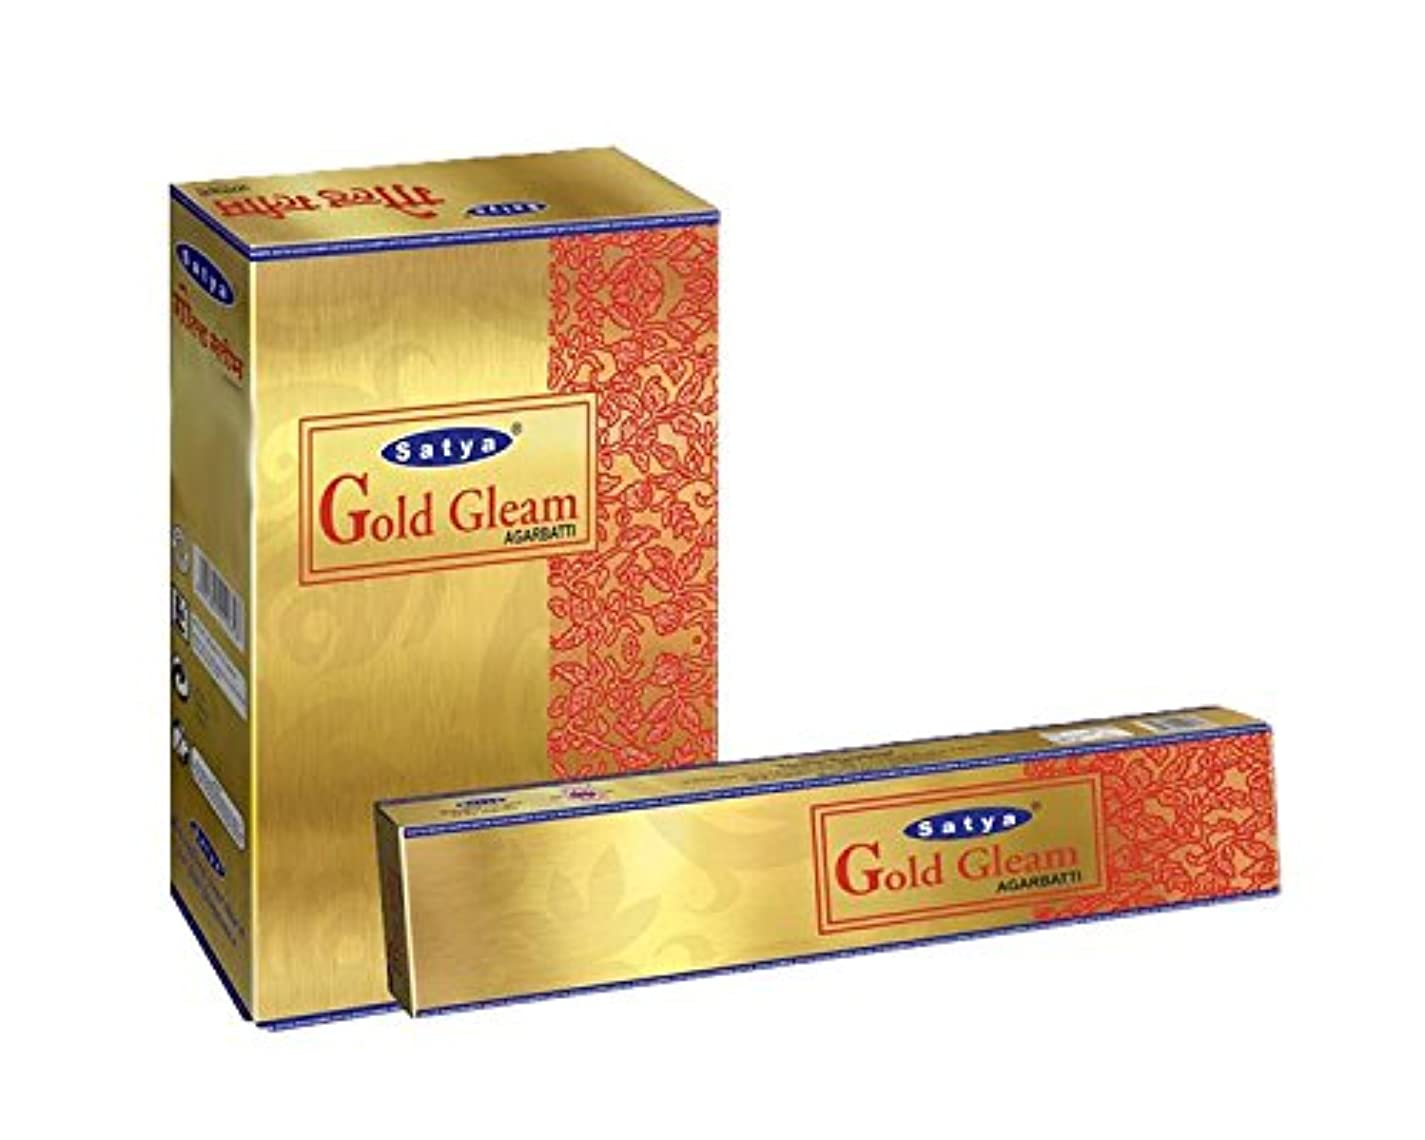 グロー傷つきやすいレベルSatyaゴールドGleam Incense Sticksボックス240 gmsボックス